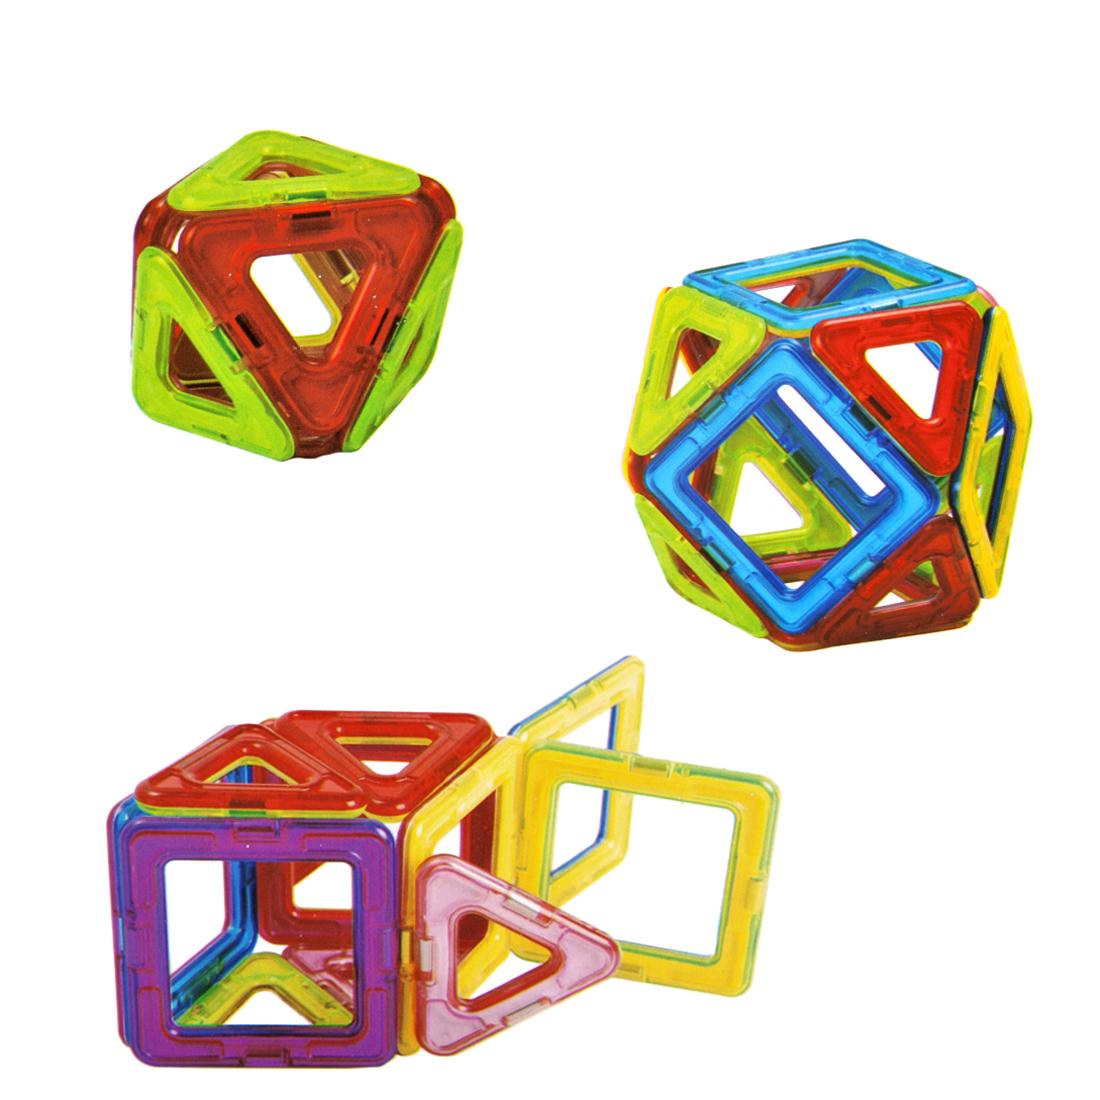 Магнитные Xinbida Конструктор магнитный 3D Xinbida 20 дет. конструктор lele city сверхмощный спасательный 448 дет 02068